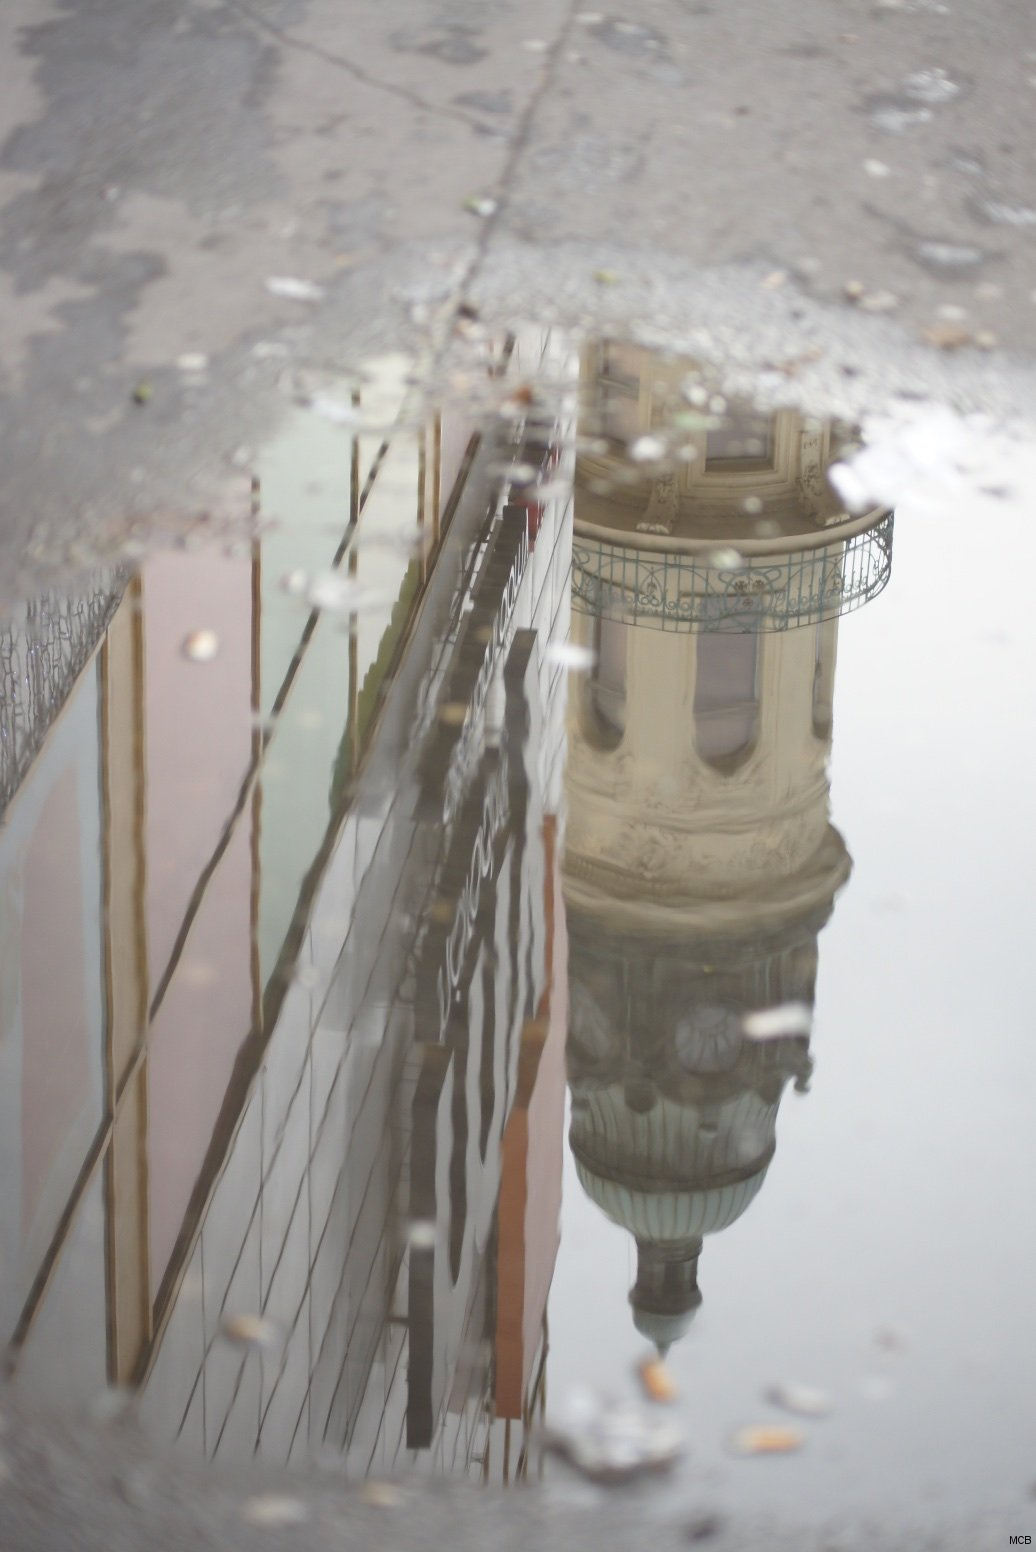 Prague dans une flaque après la pluie, 21 décembre 2014